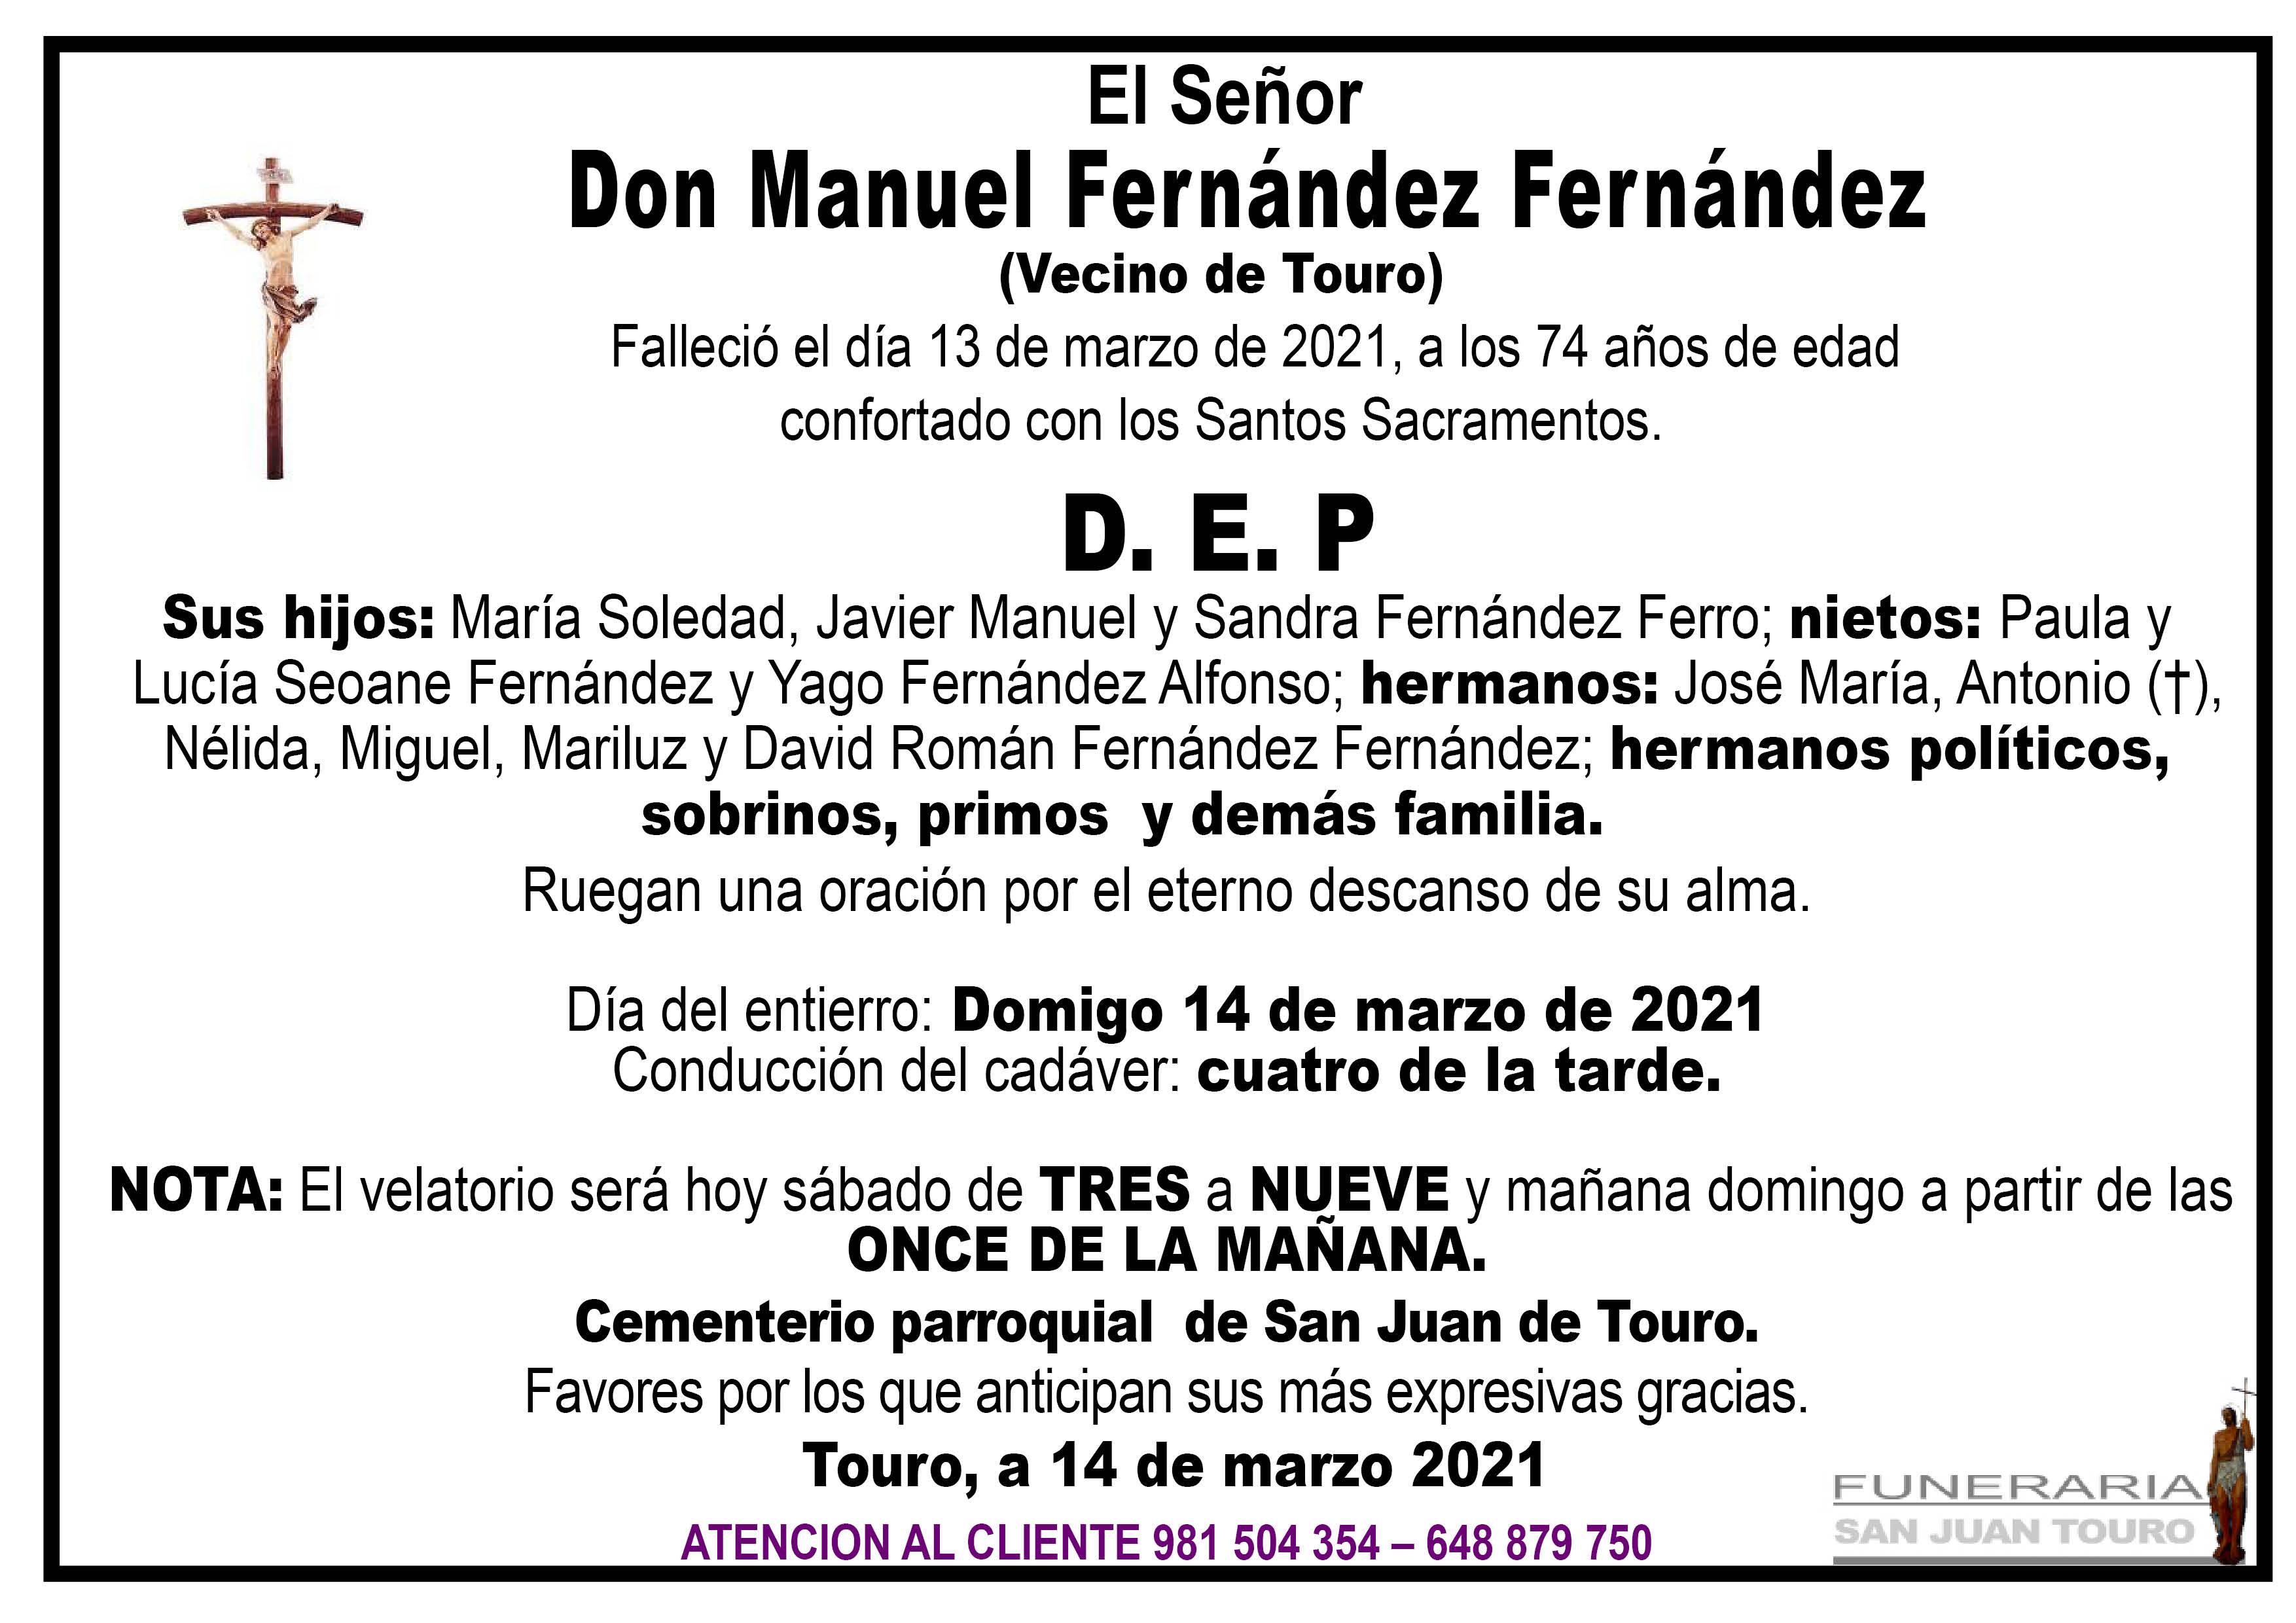 Esquela de SEPELIO DE DON MANUEL FERNÁNDEZ FERNÁNDEZ